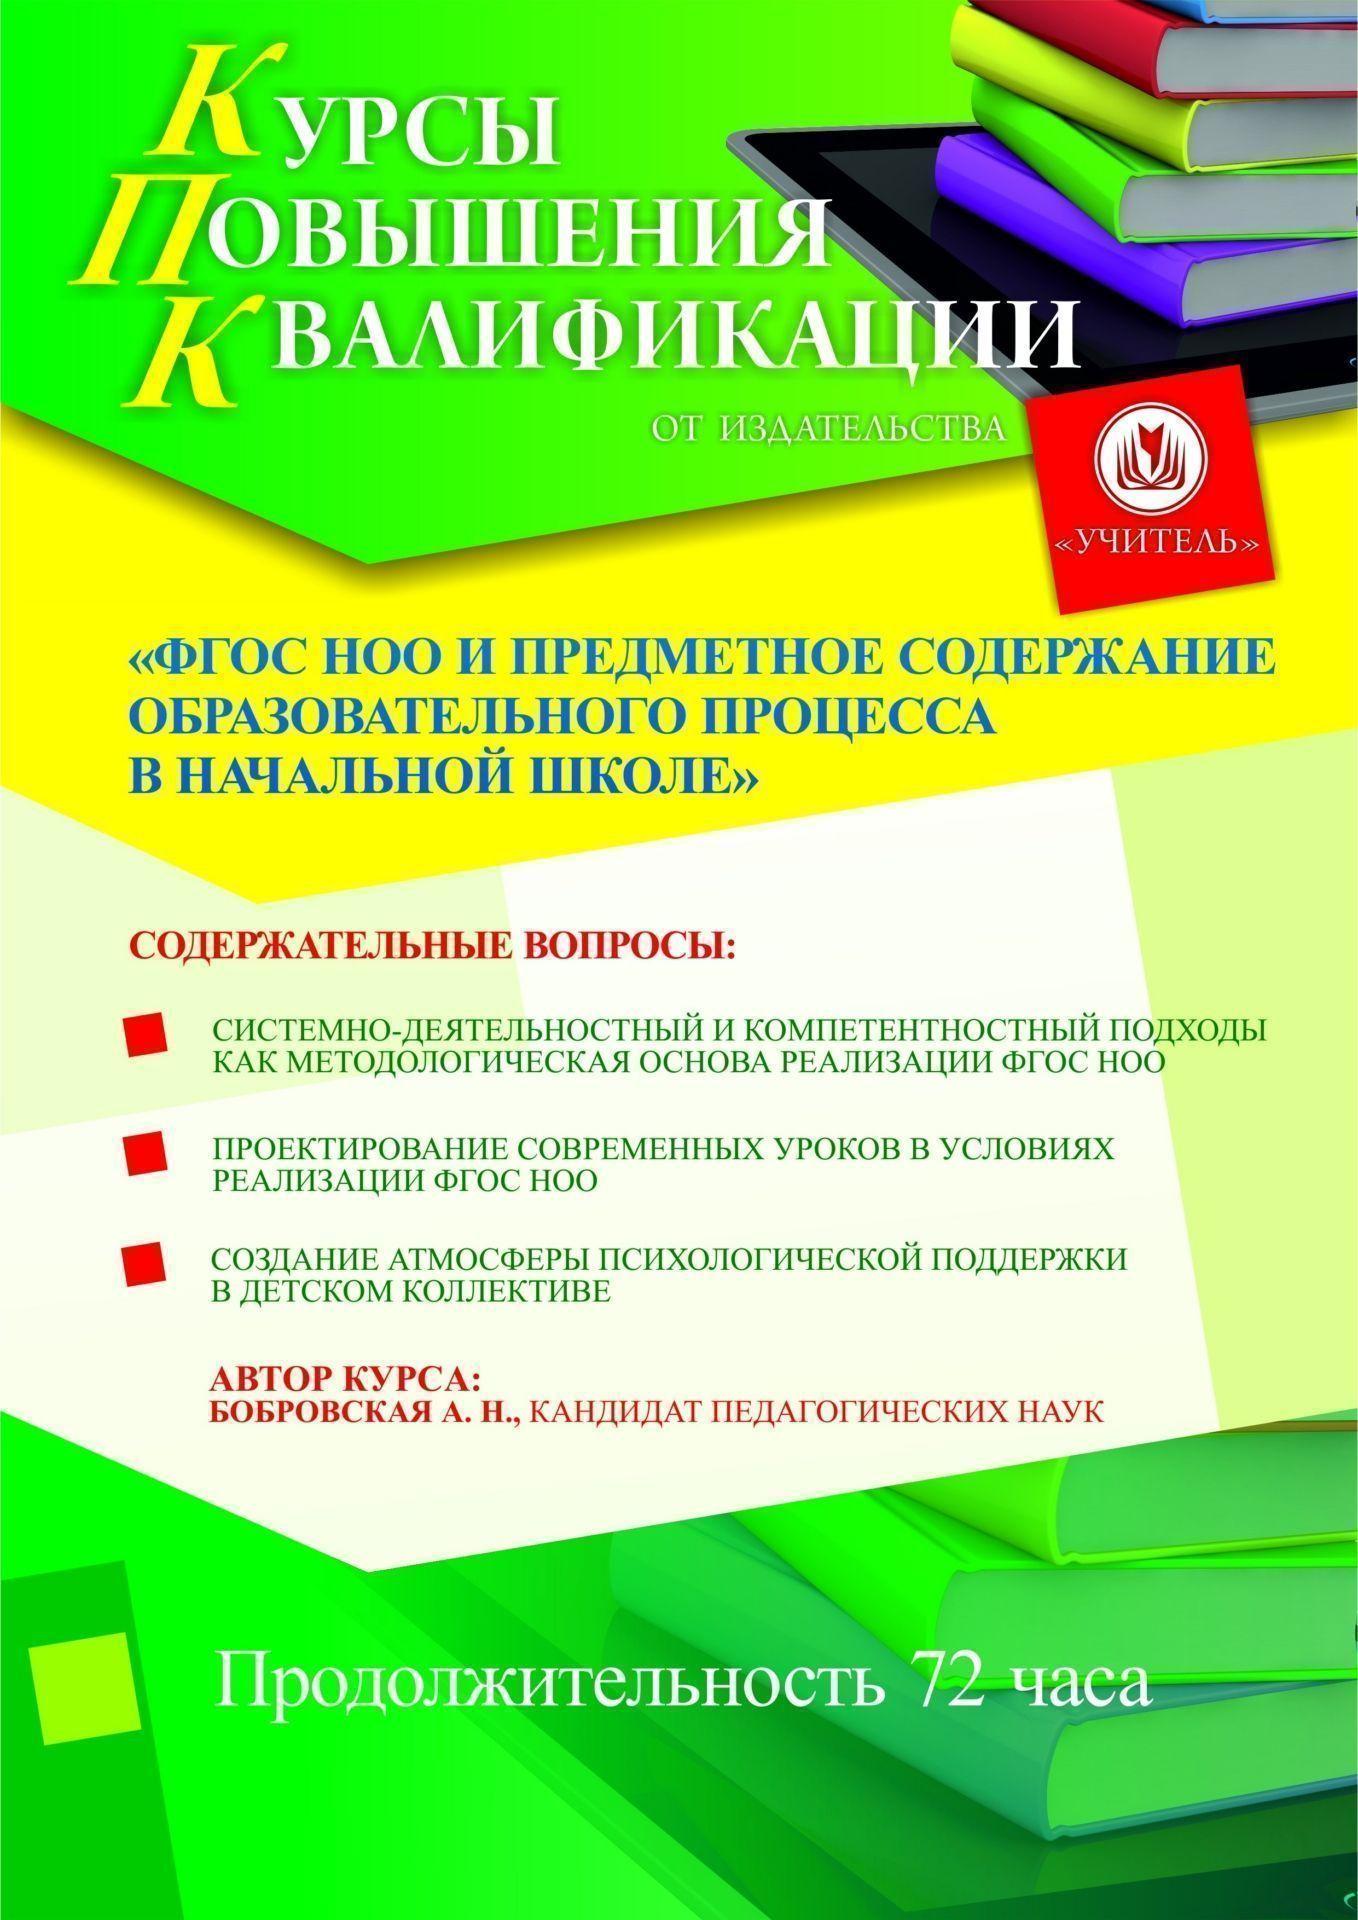 ФГОС НОО и предметное содержание образовательного процесса в начальной школе (72 ч.) фото